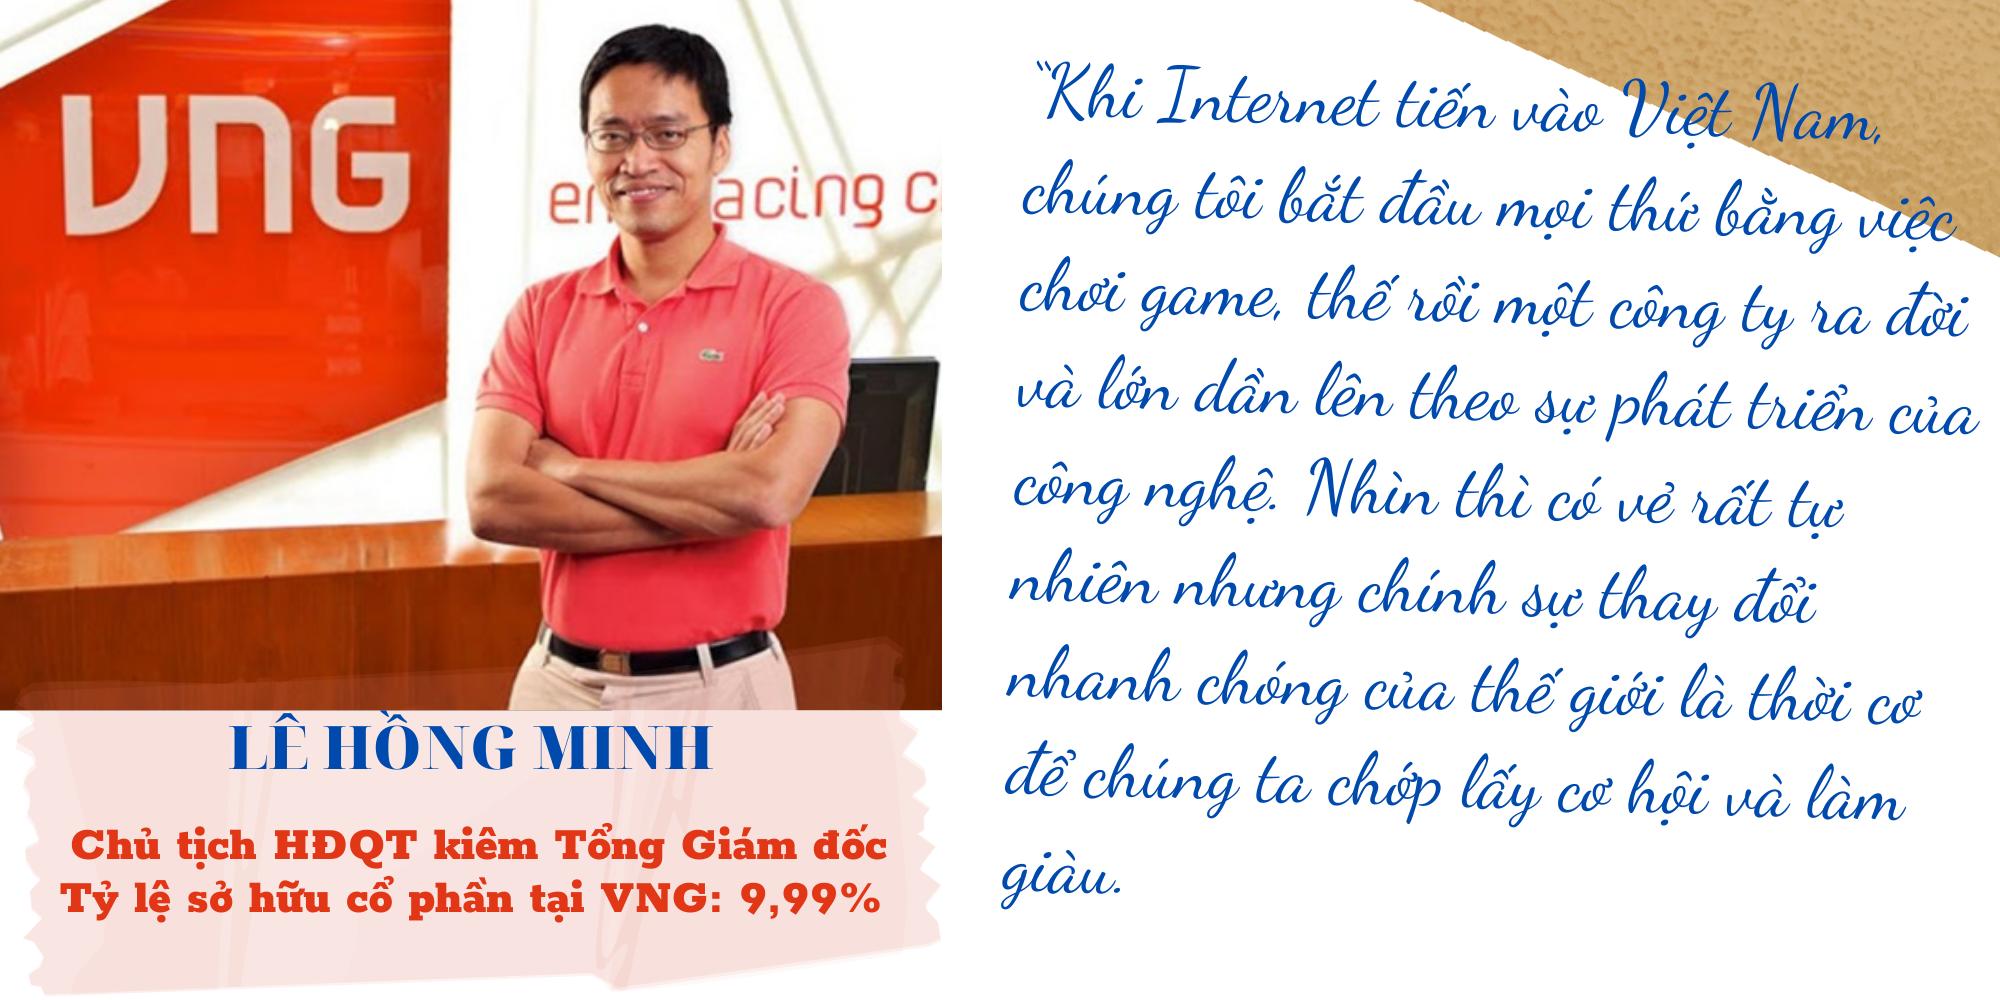 """Hồ sơ doanh nhân: Ông chủ VNG Lê Hồng Minh – Từ """"mỏ vàng"""" Game Online đến chiêu thức """"tránh thuế"""" sản phẩm - Ảnh 4."""